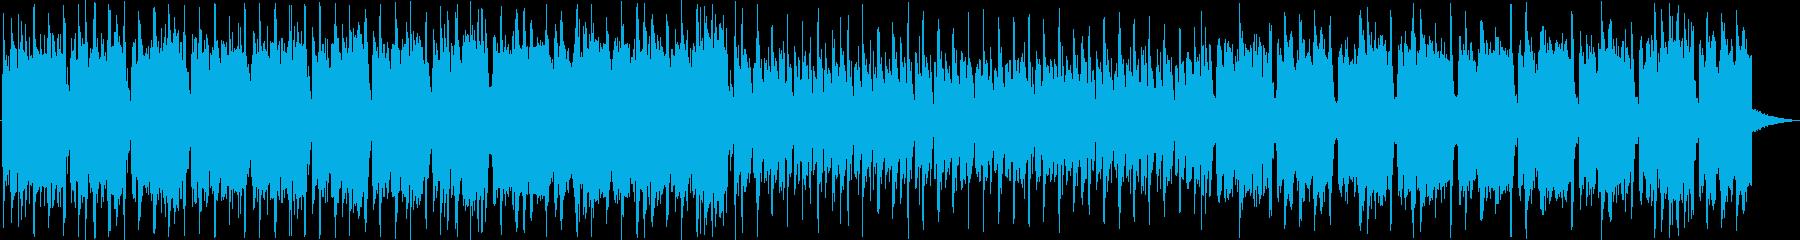 シンセサイザーを使ったロック調の曲の再生済みの波形